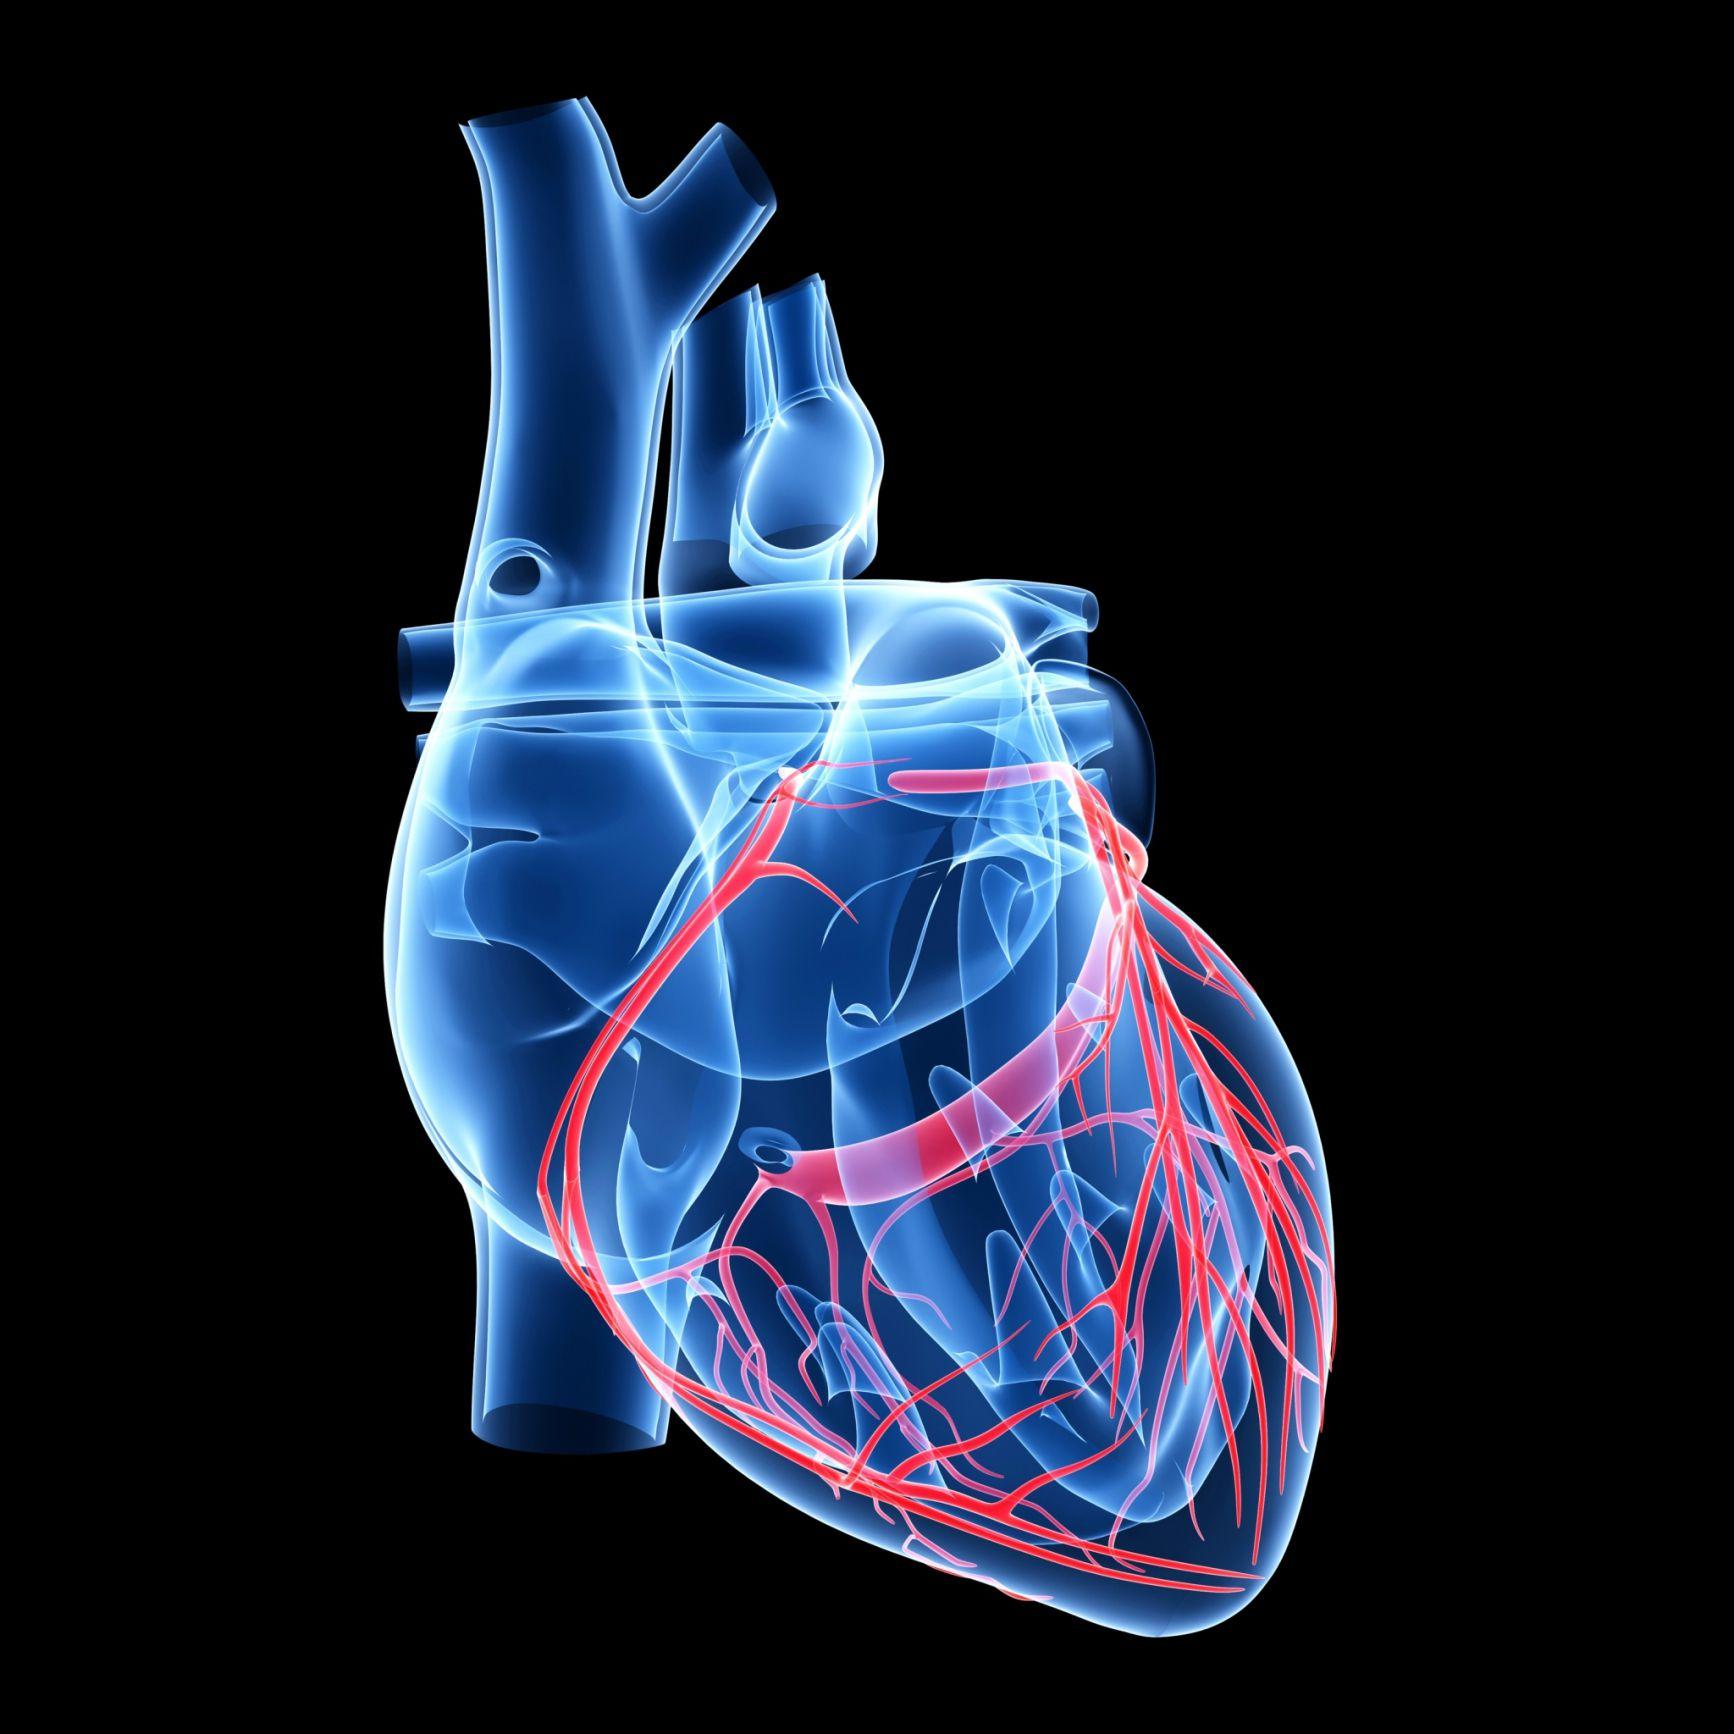 Capas del corazón: pericardio, endocardio y miocardio